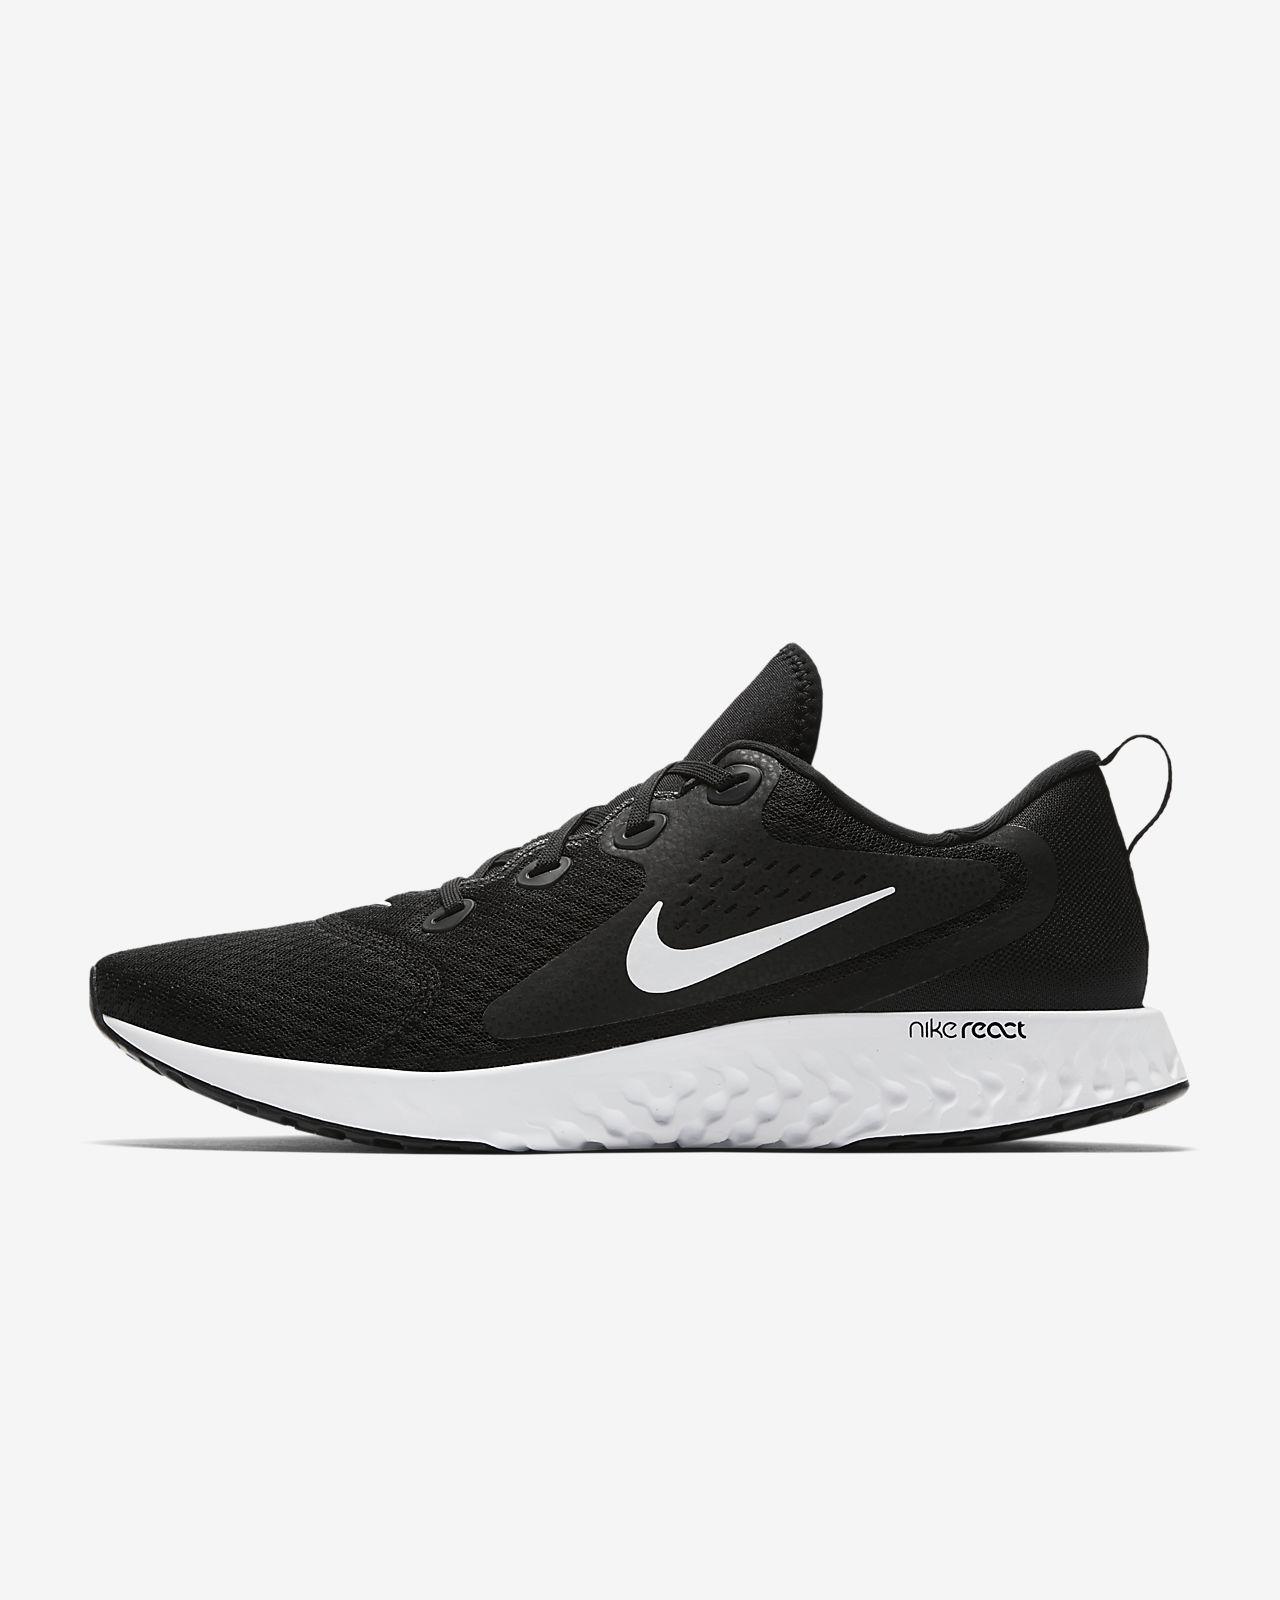 6e8d902ba24 Nike Legend React Zapatillas de running - Hombre. Nike.com ES